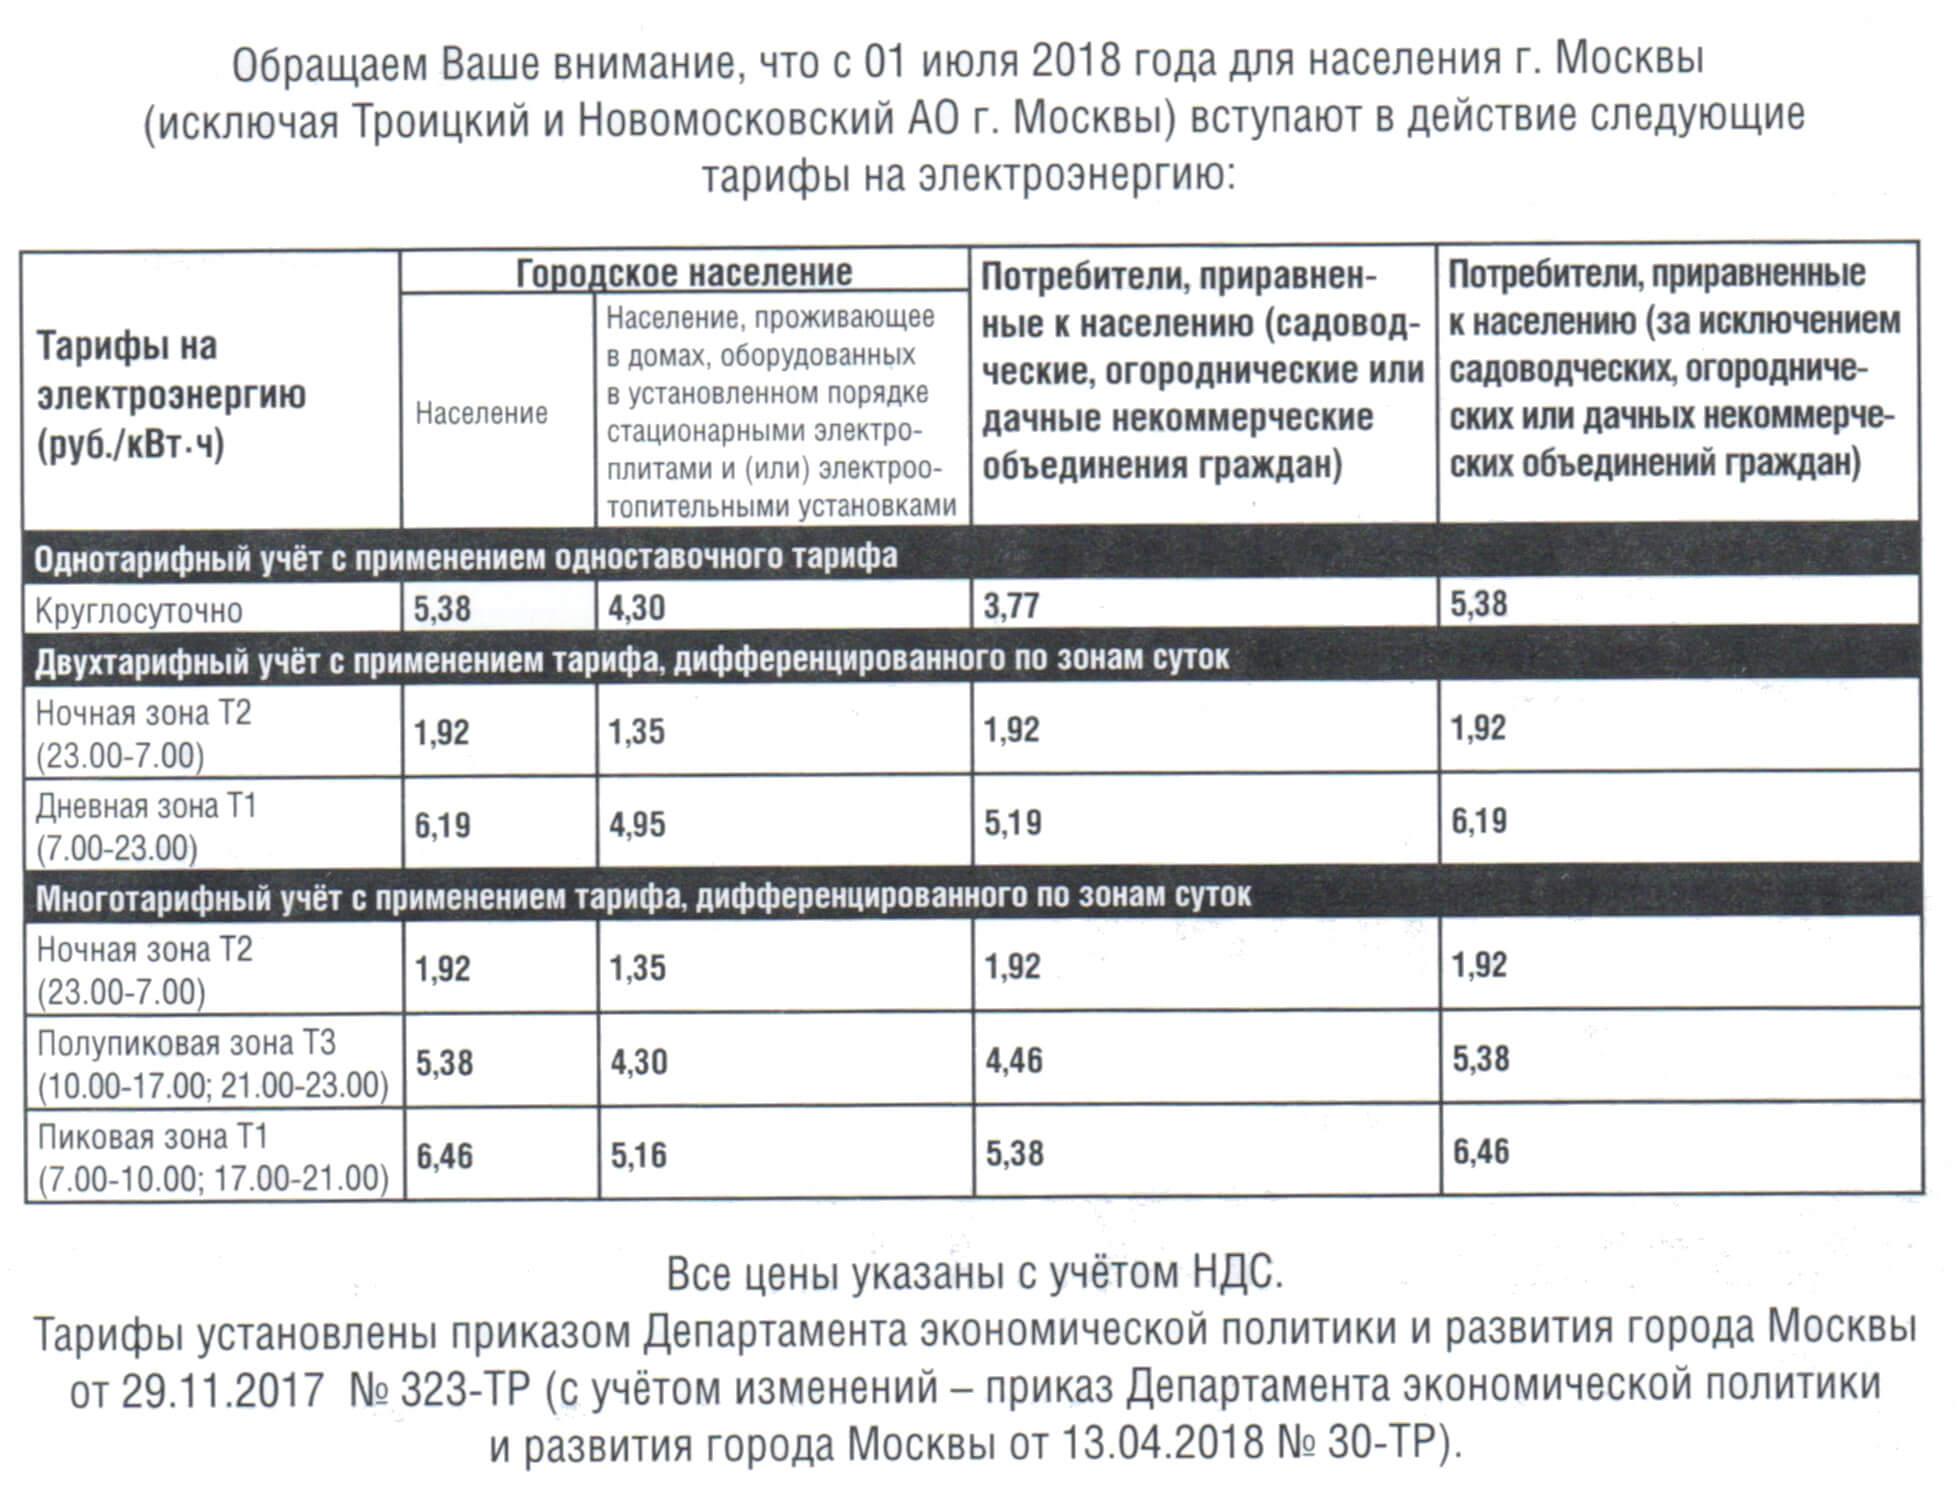 Тарифы на электроэнергию в Москве c 1 июля 2018